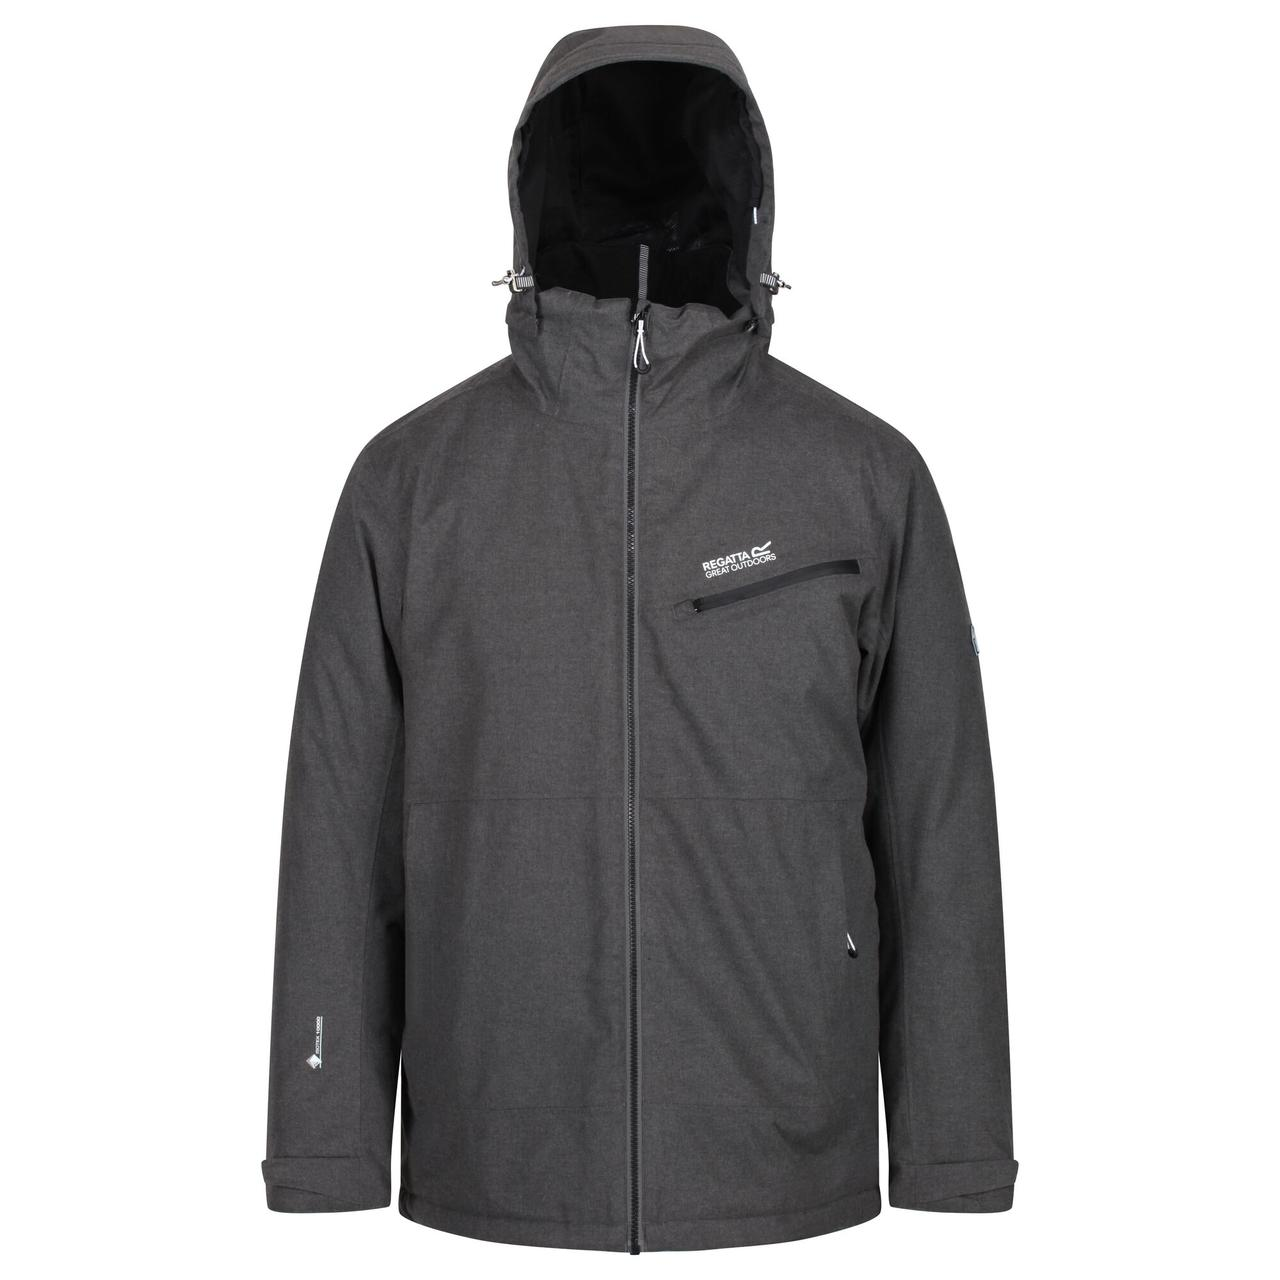 Куртка  Regatta  Highside IV  темный хаки  L